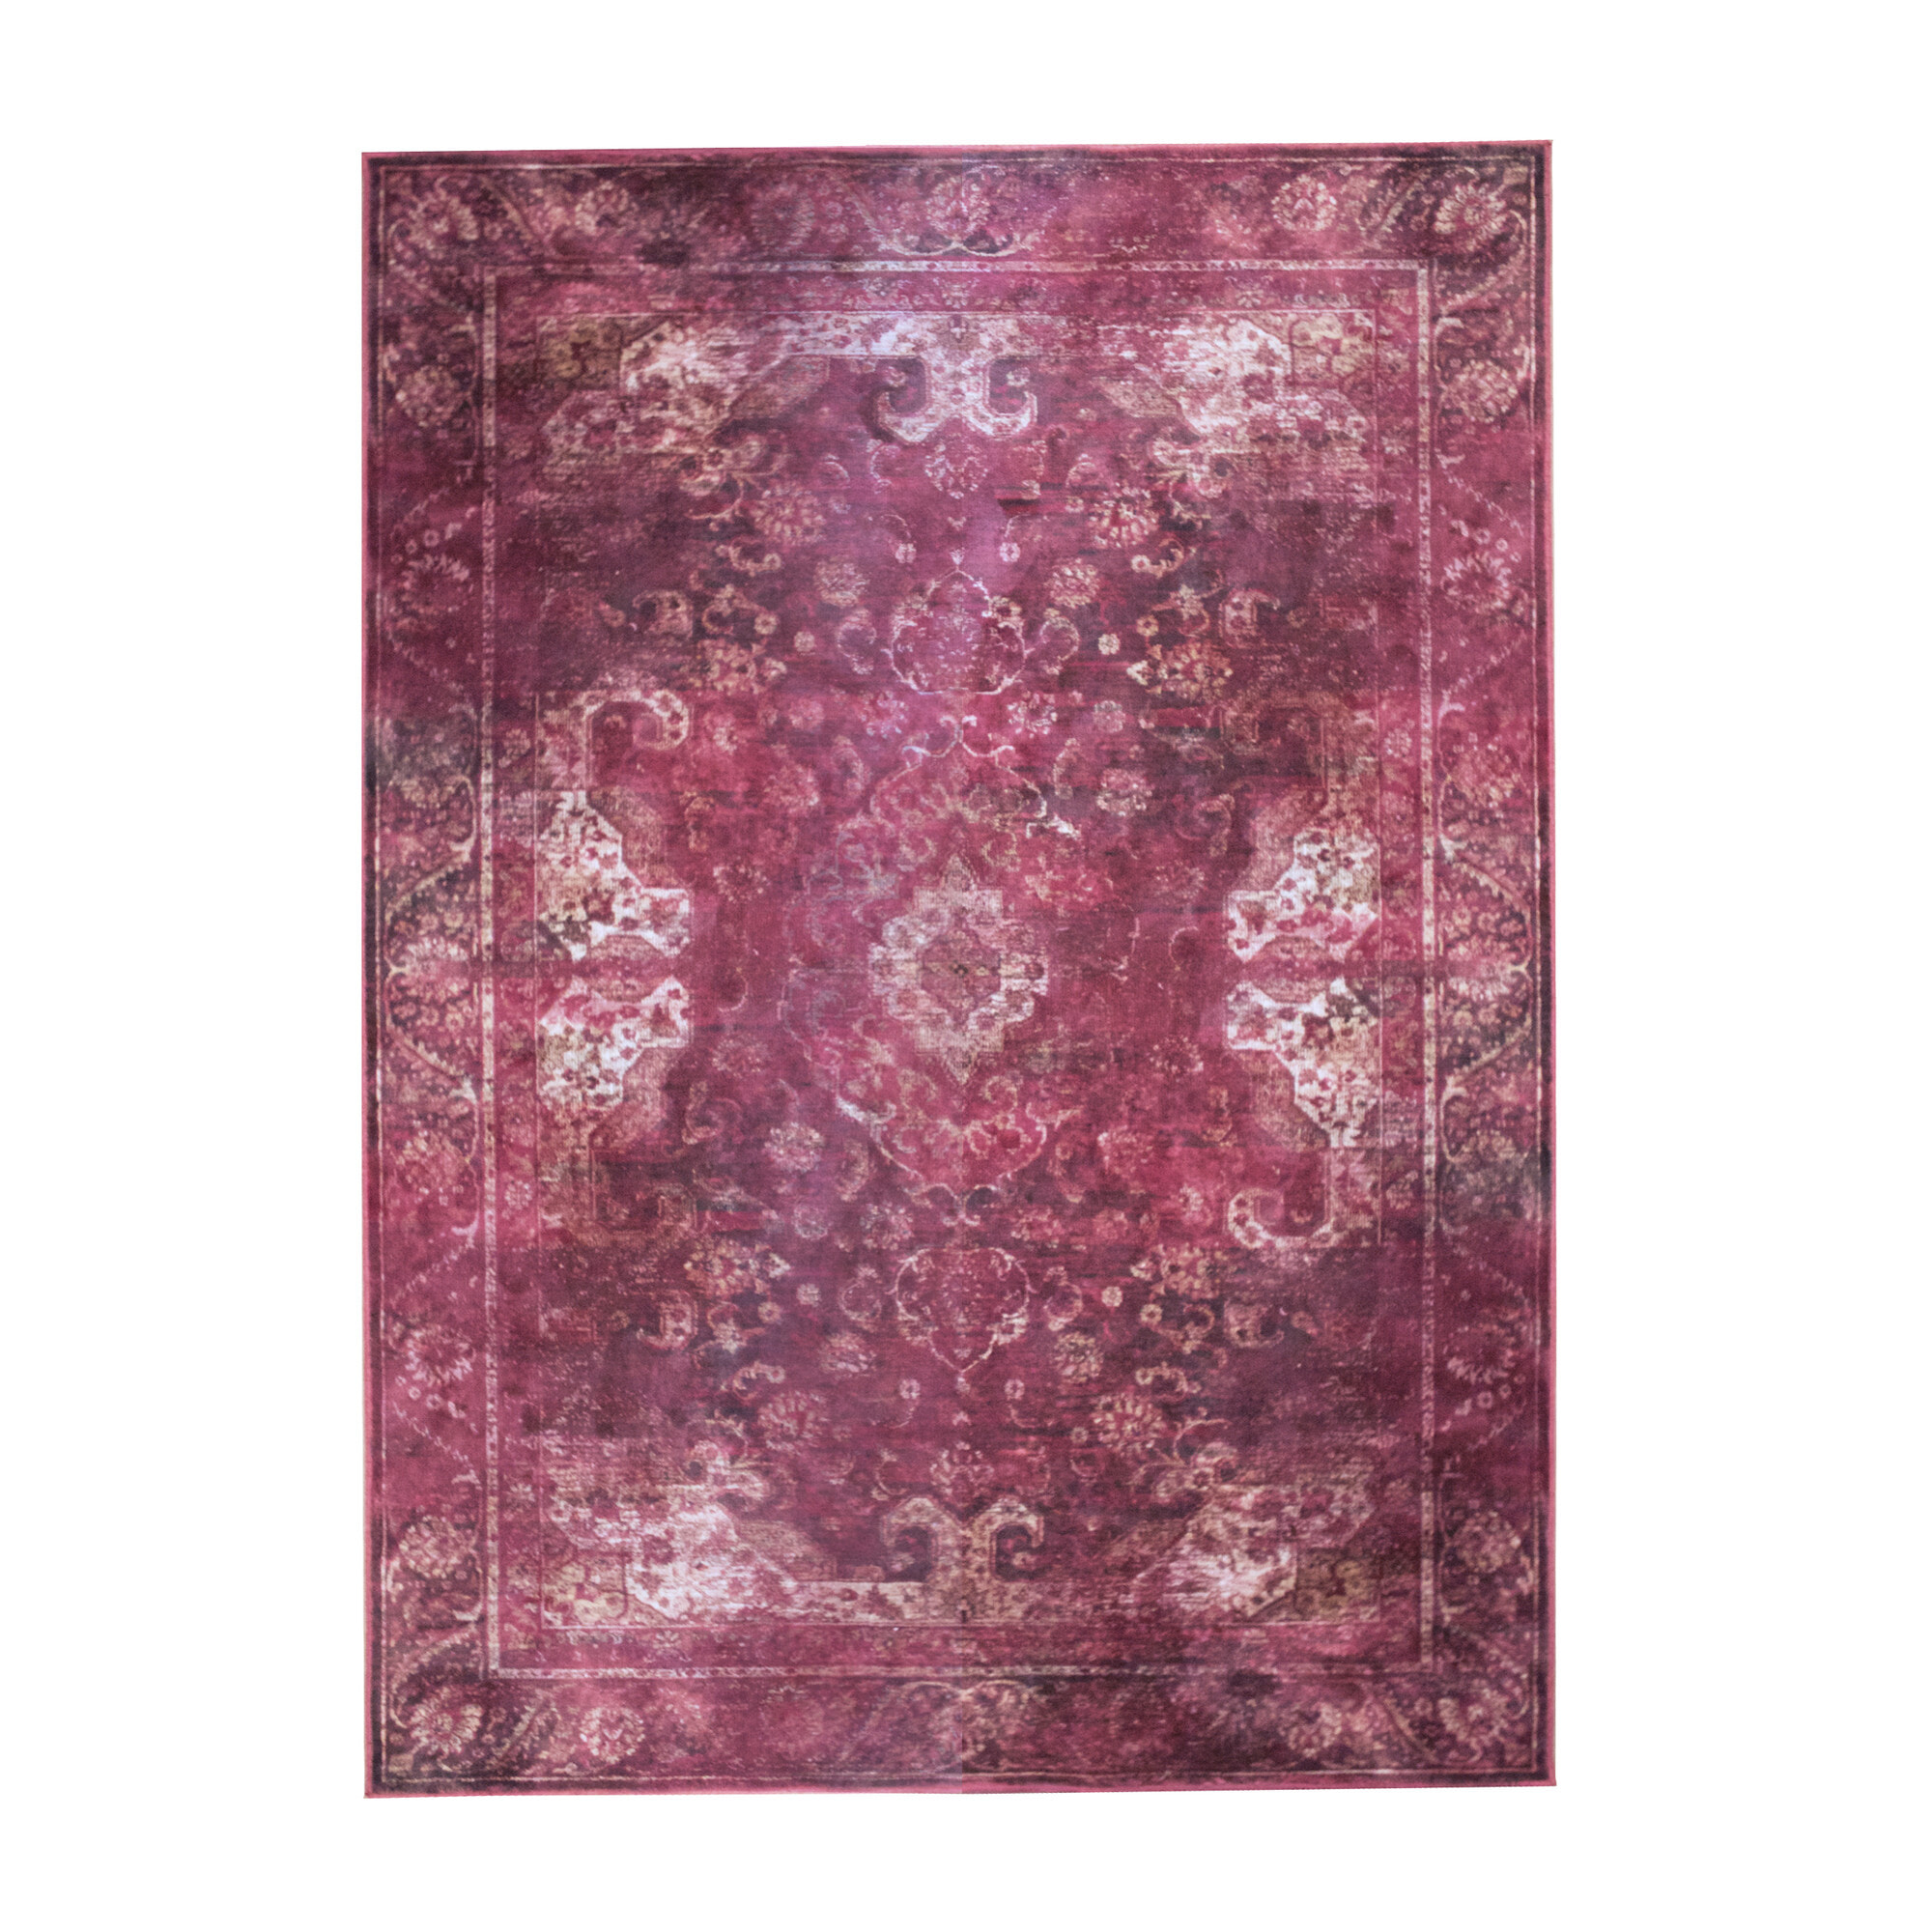 By-Boo Vloerkleed 'Liv' 200 x 290cm, kleur paars Woonaccessoires | Vloerkleden